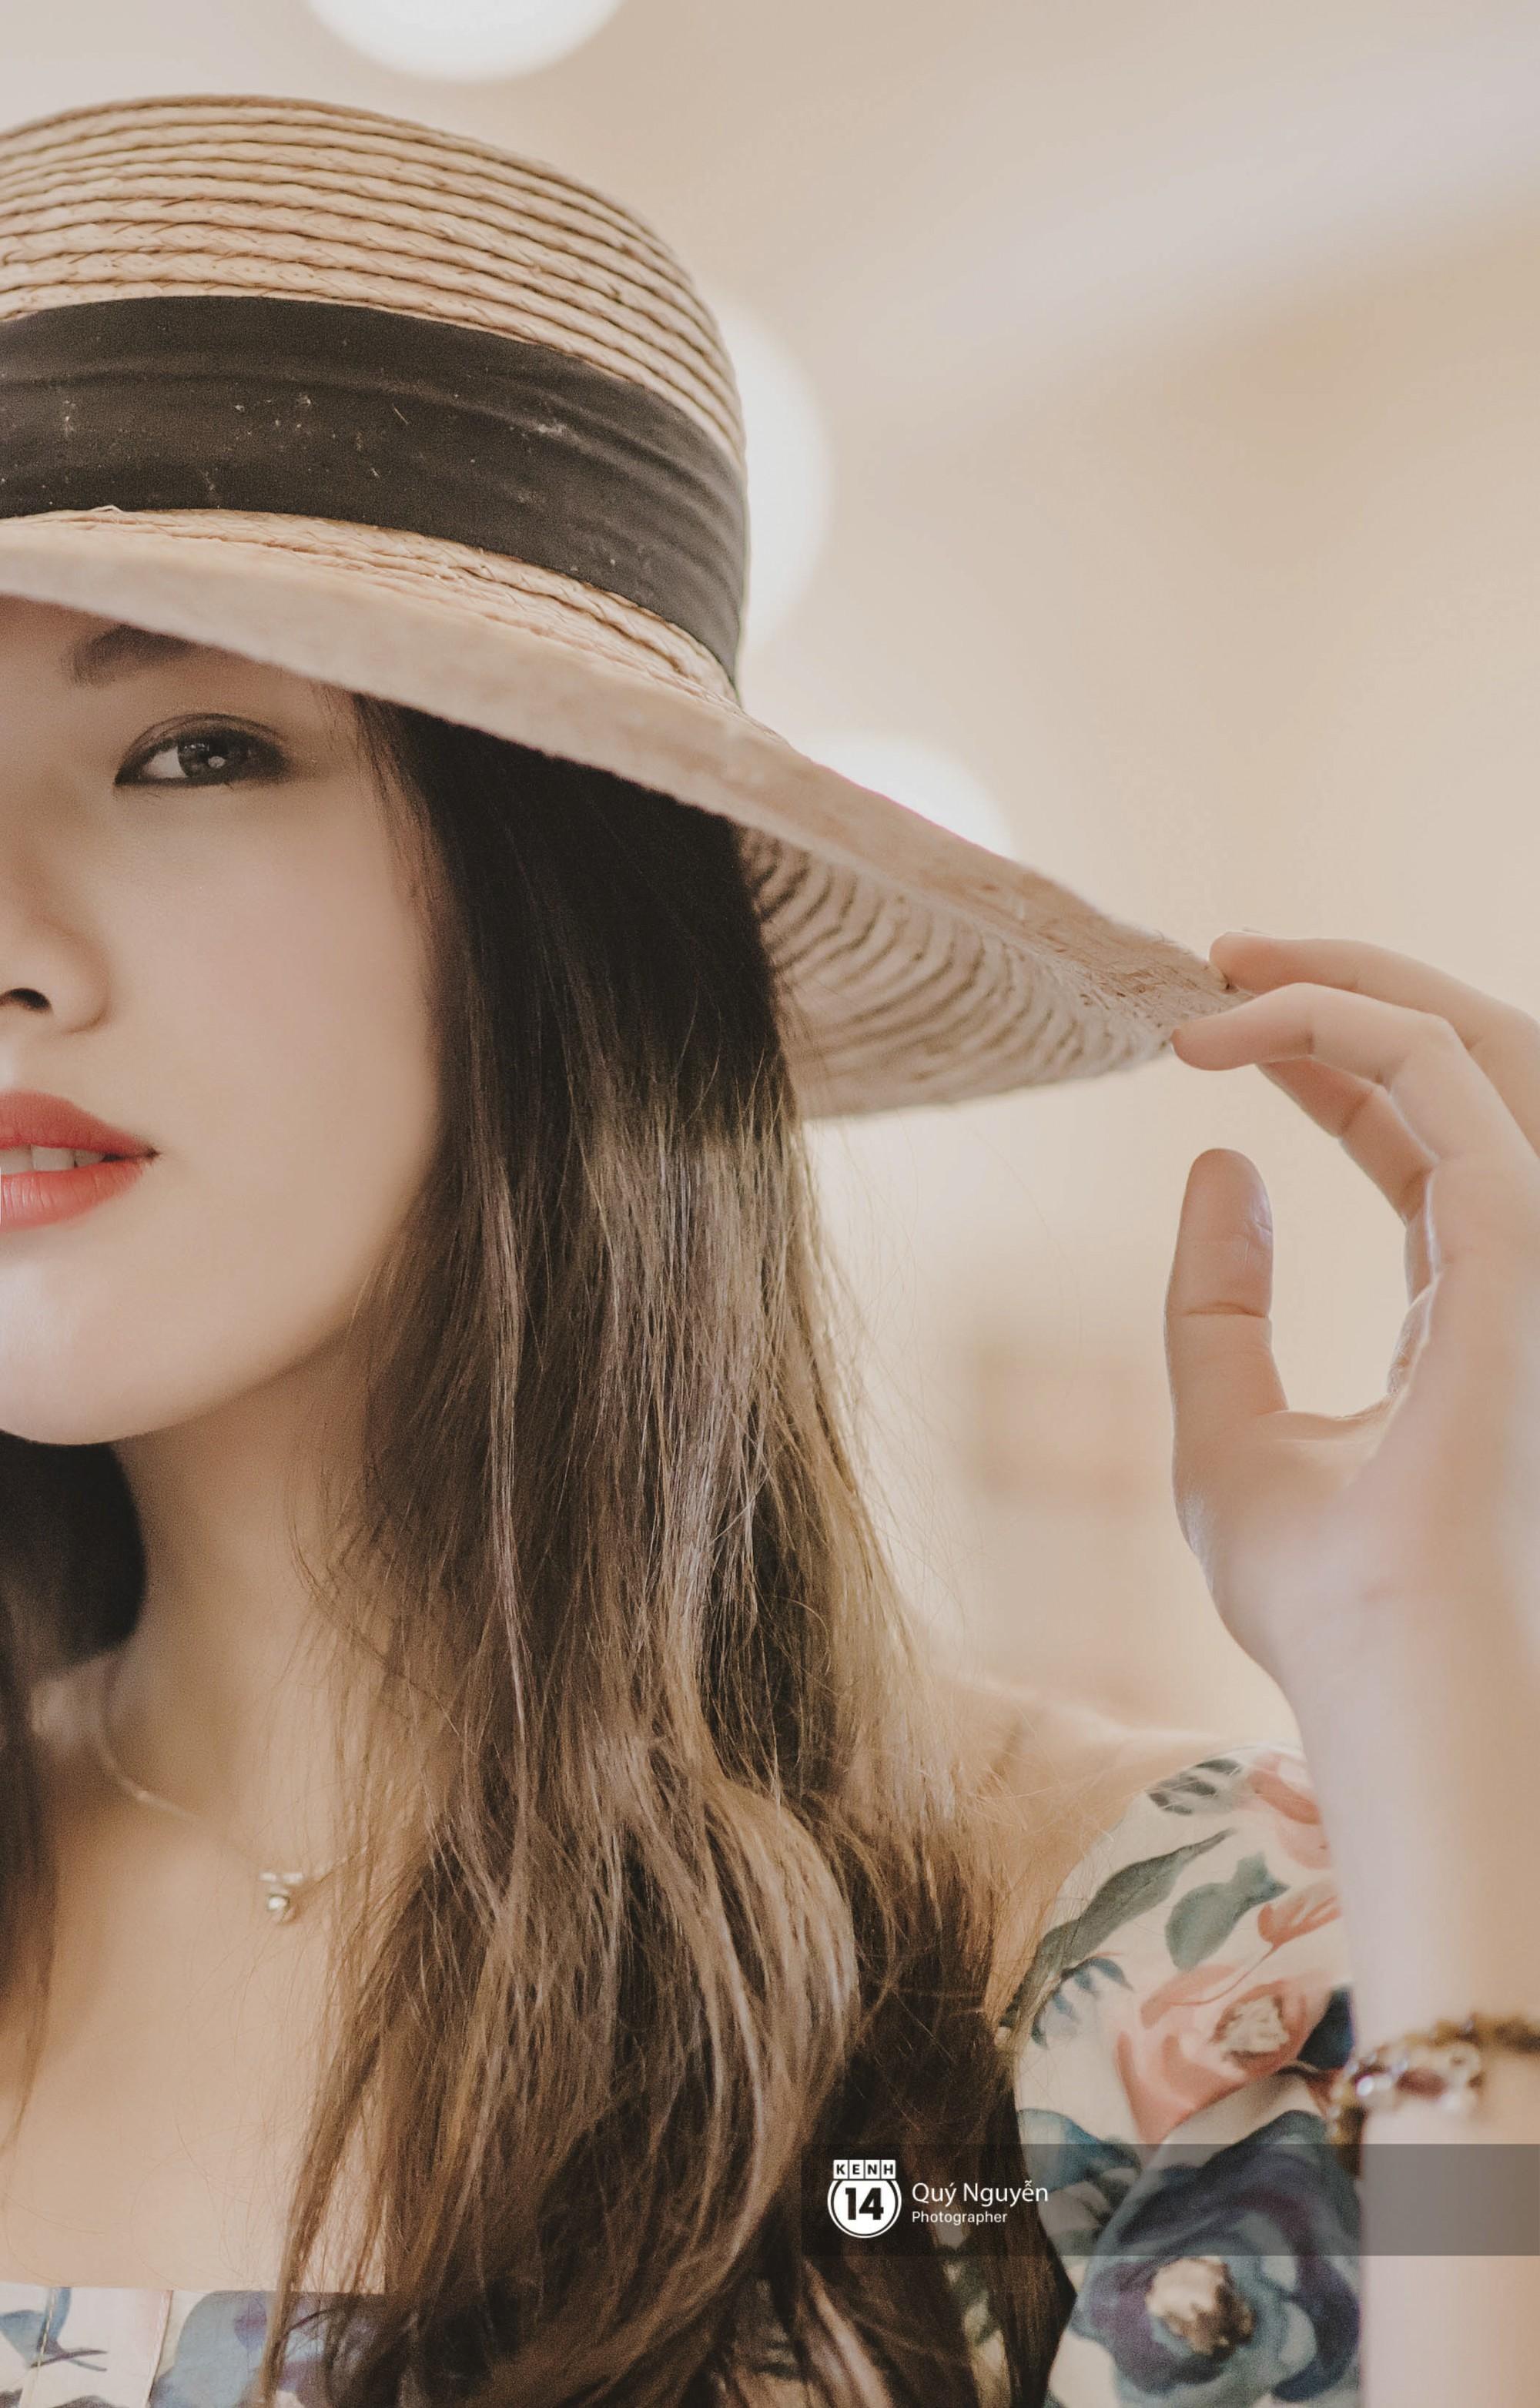 Gặp cô bạn cao 1m75 vừa đạt Hoa khôi Báo chí 2018, được BGK đánh giá rất hợp để thi Hoa hậu! - Ảnh 6.